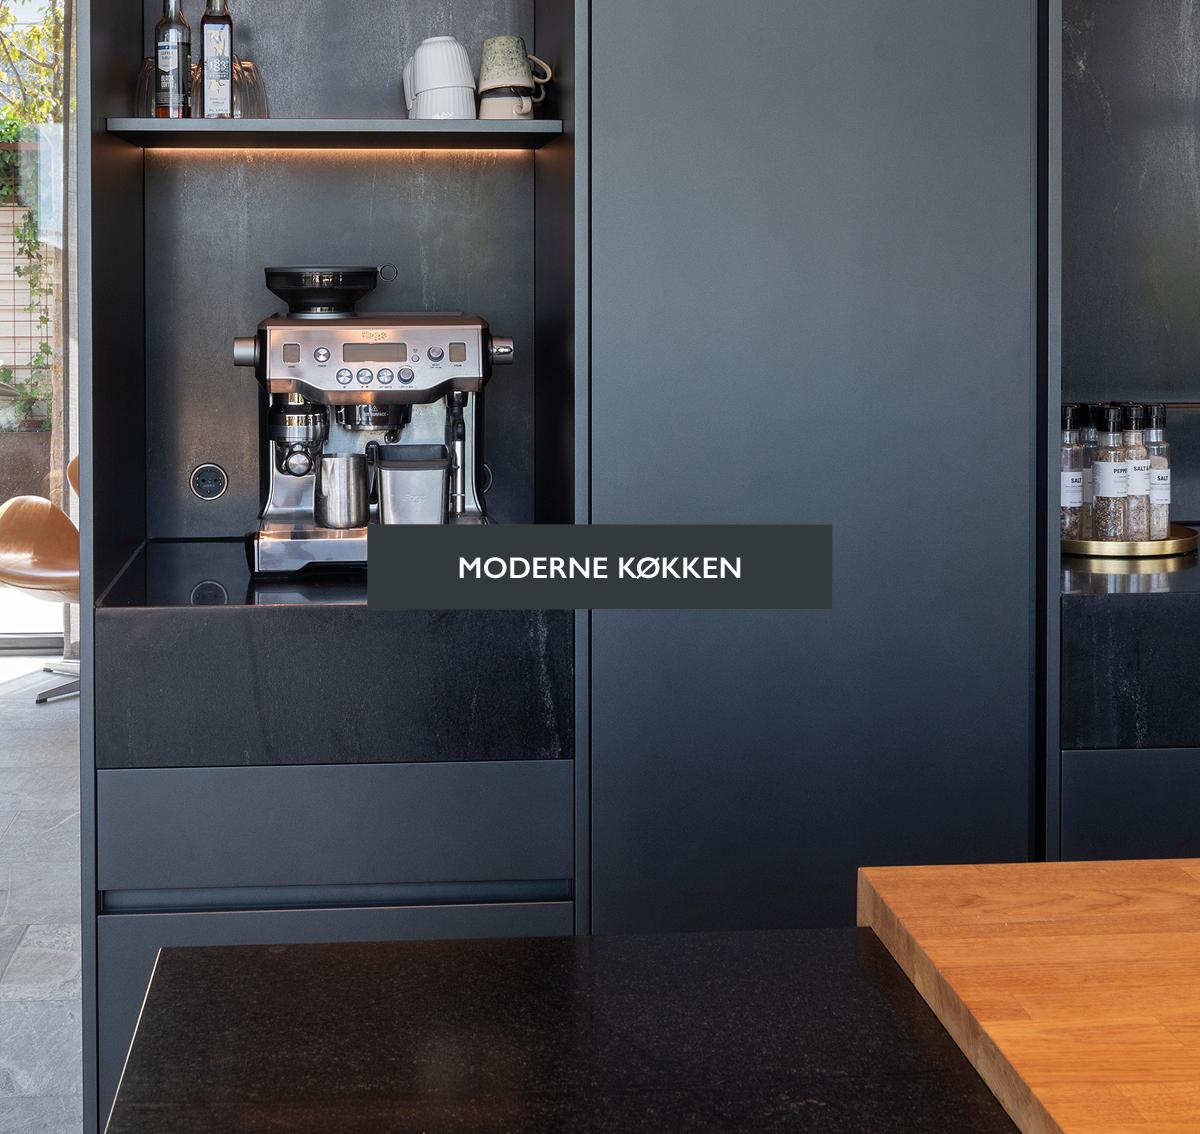 Moderne køkken i sort